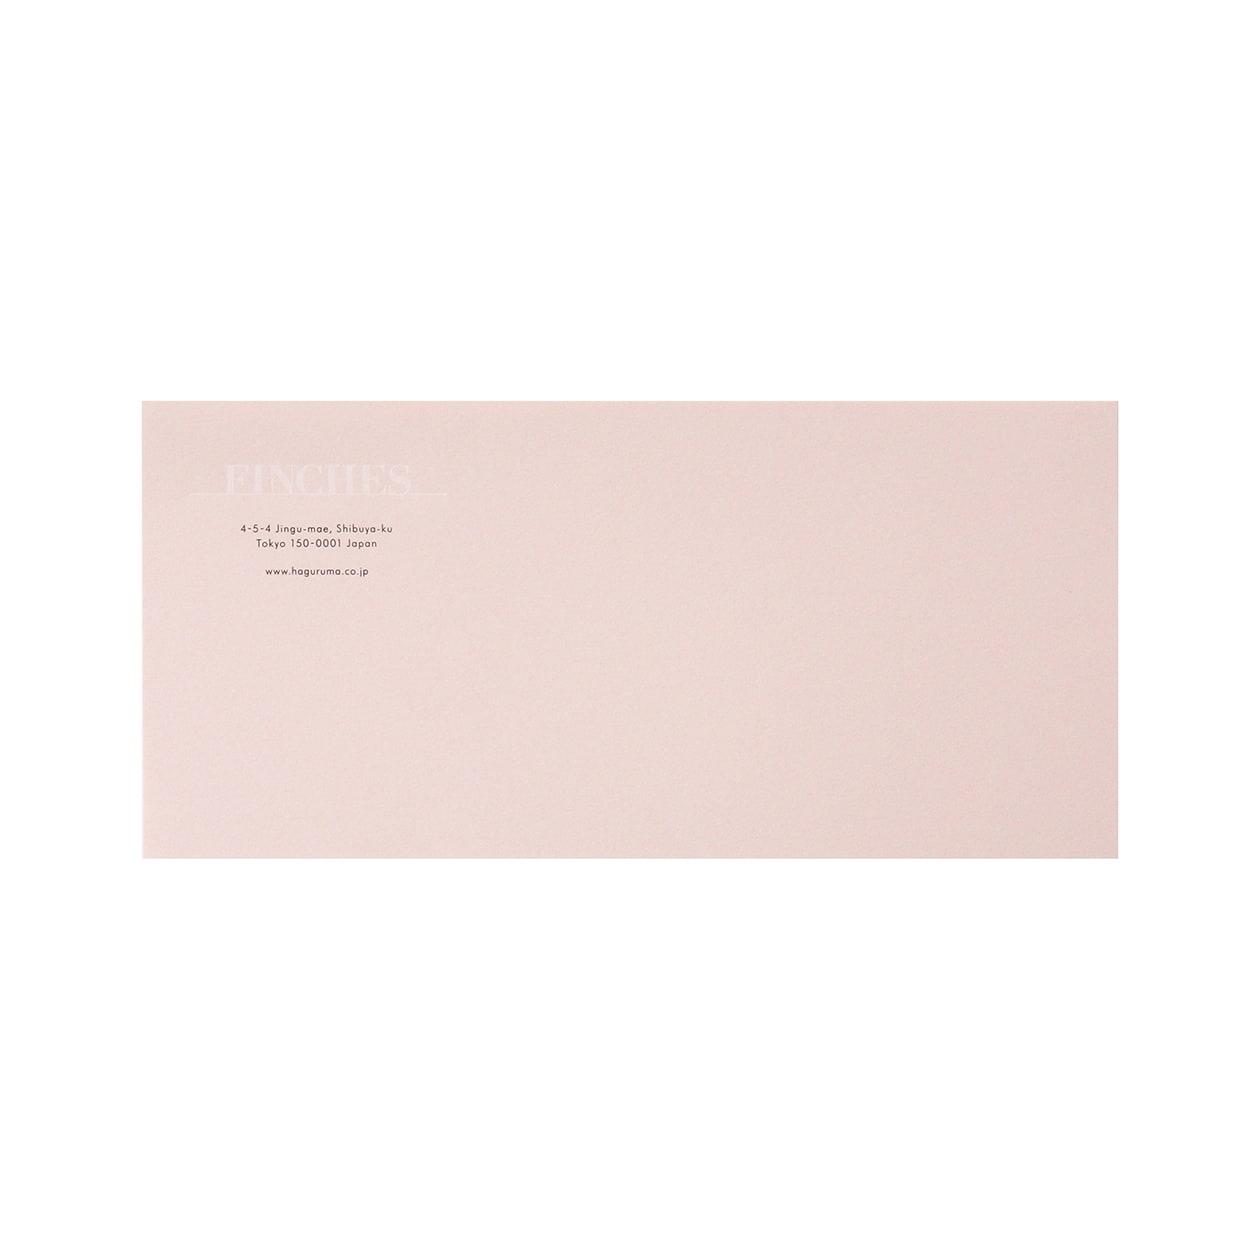 サンプル カード・シート 00241